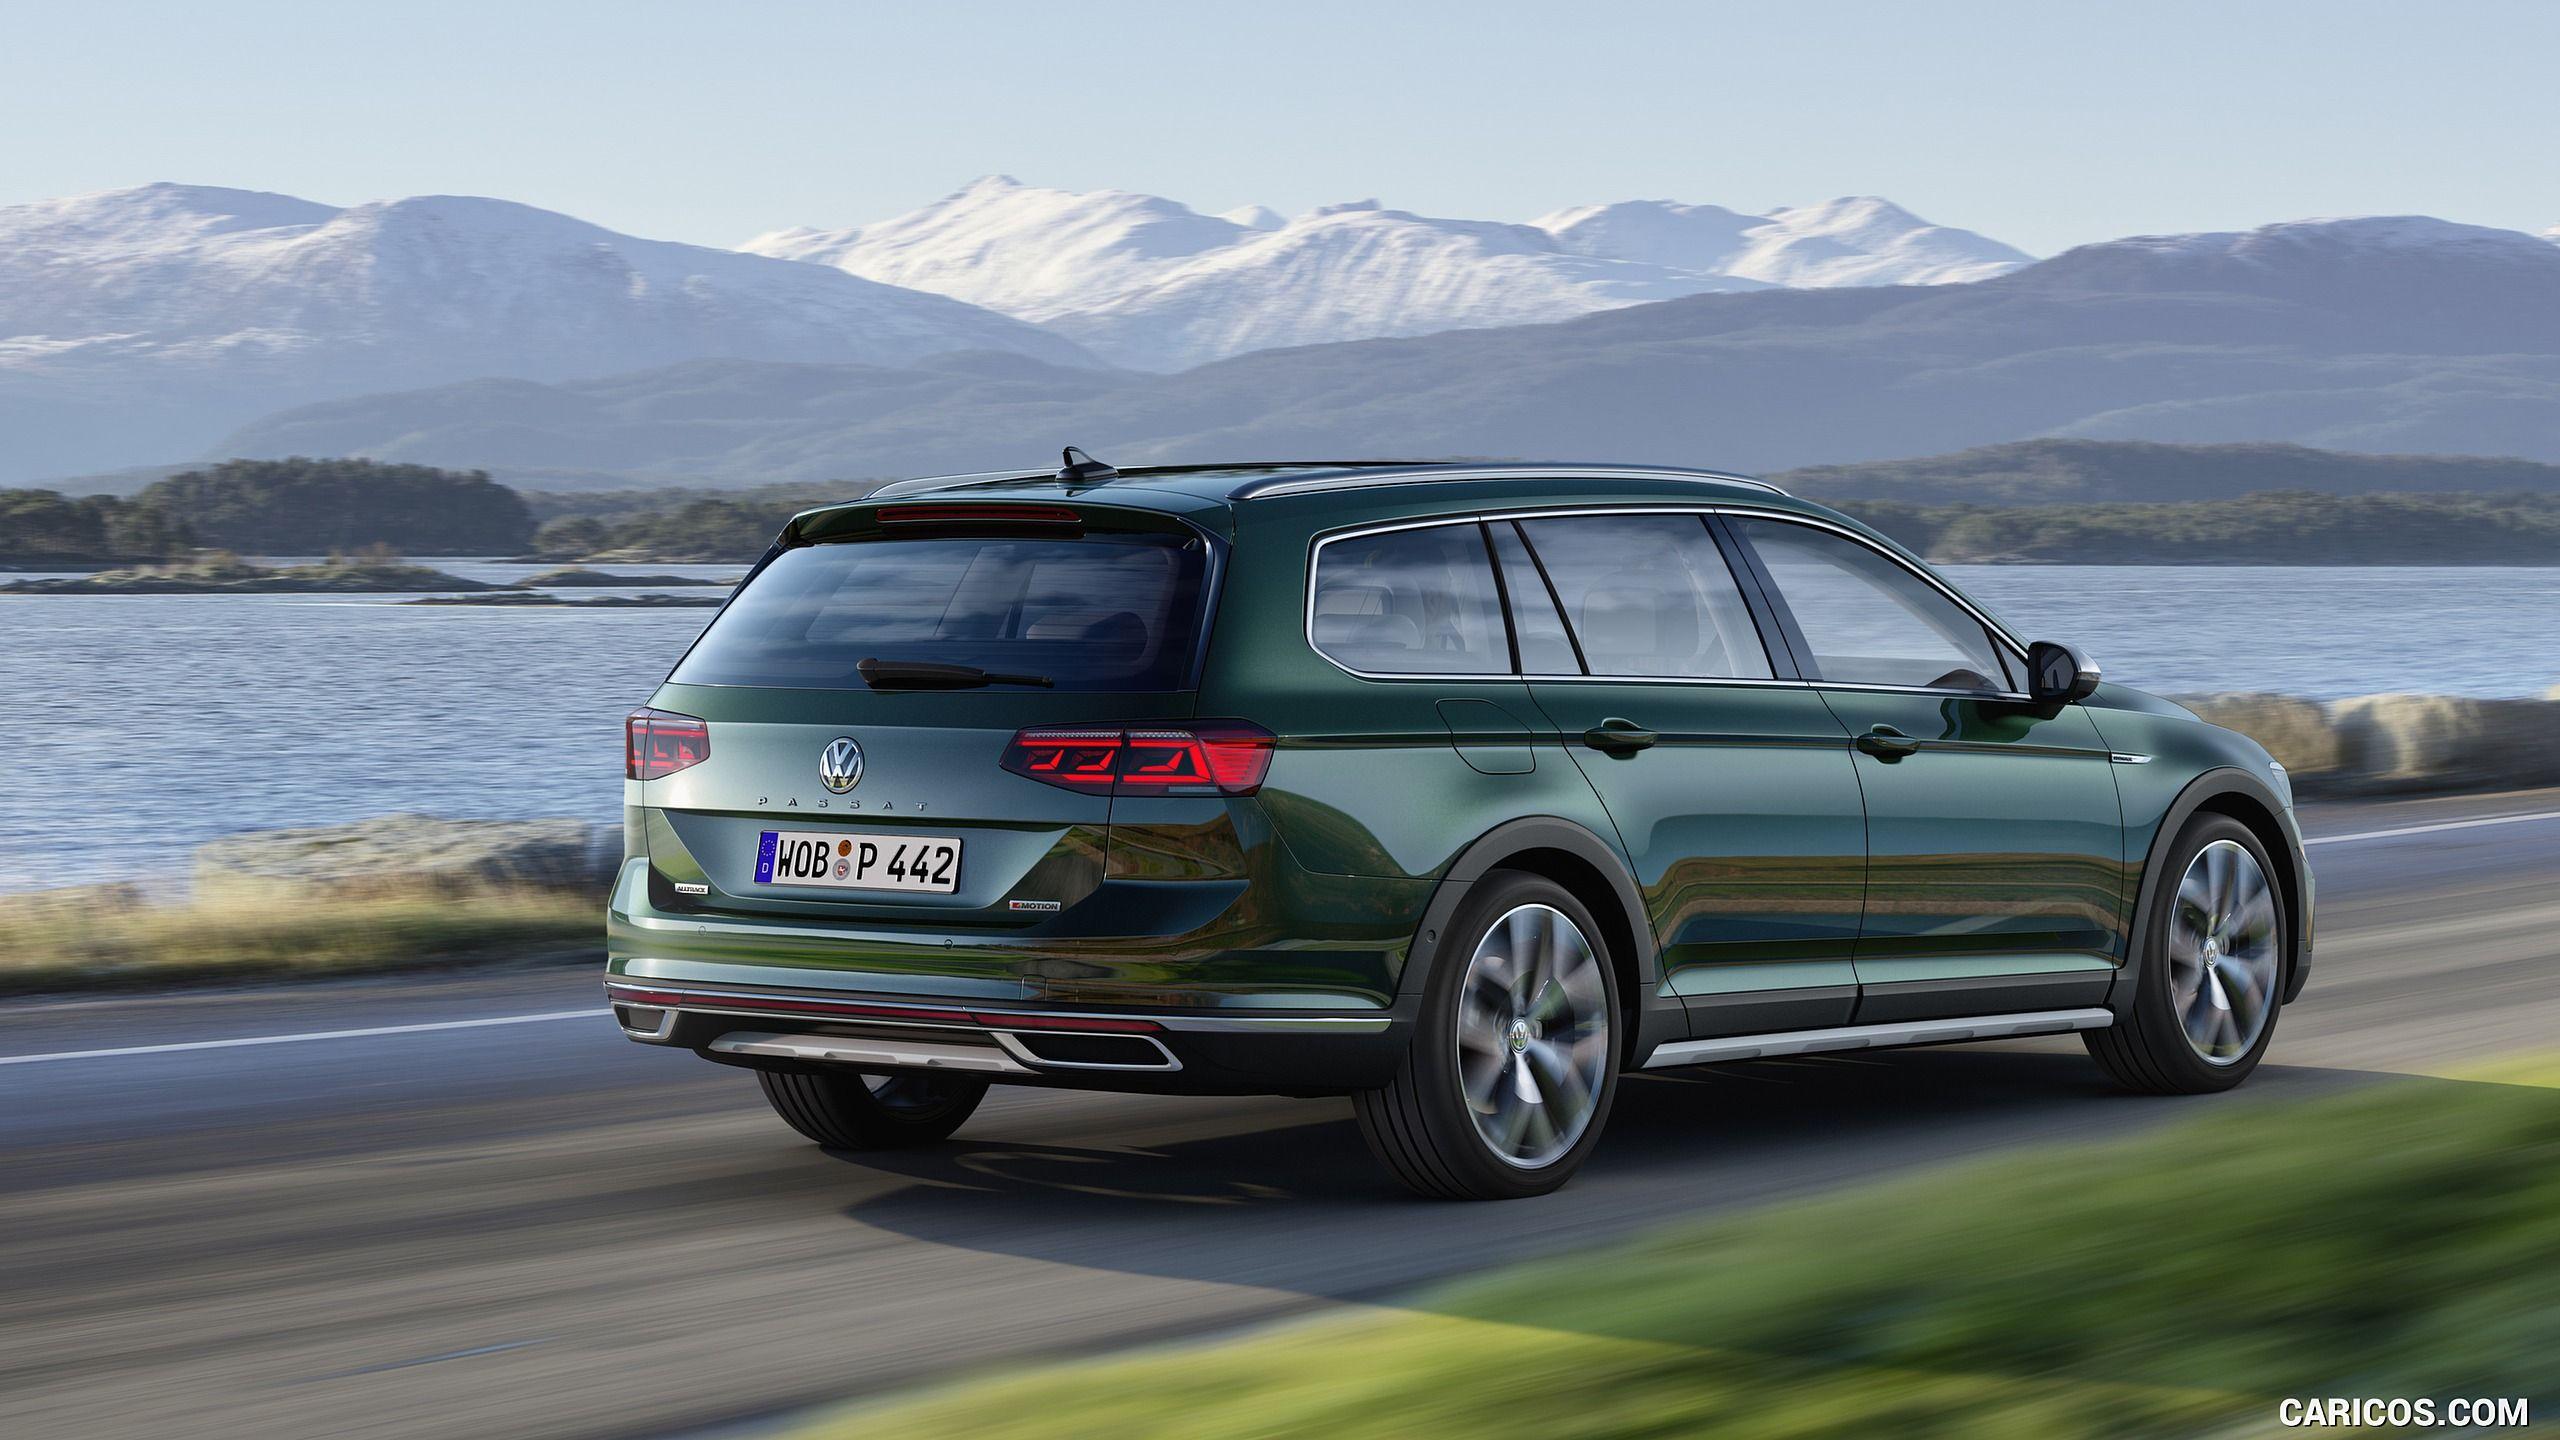 2020 Volkswagen Passat Alltrack Eu Spec Rear Three Quarter Hd Volkswagen Passat Volkswagen Vw Cars